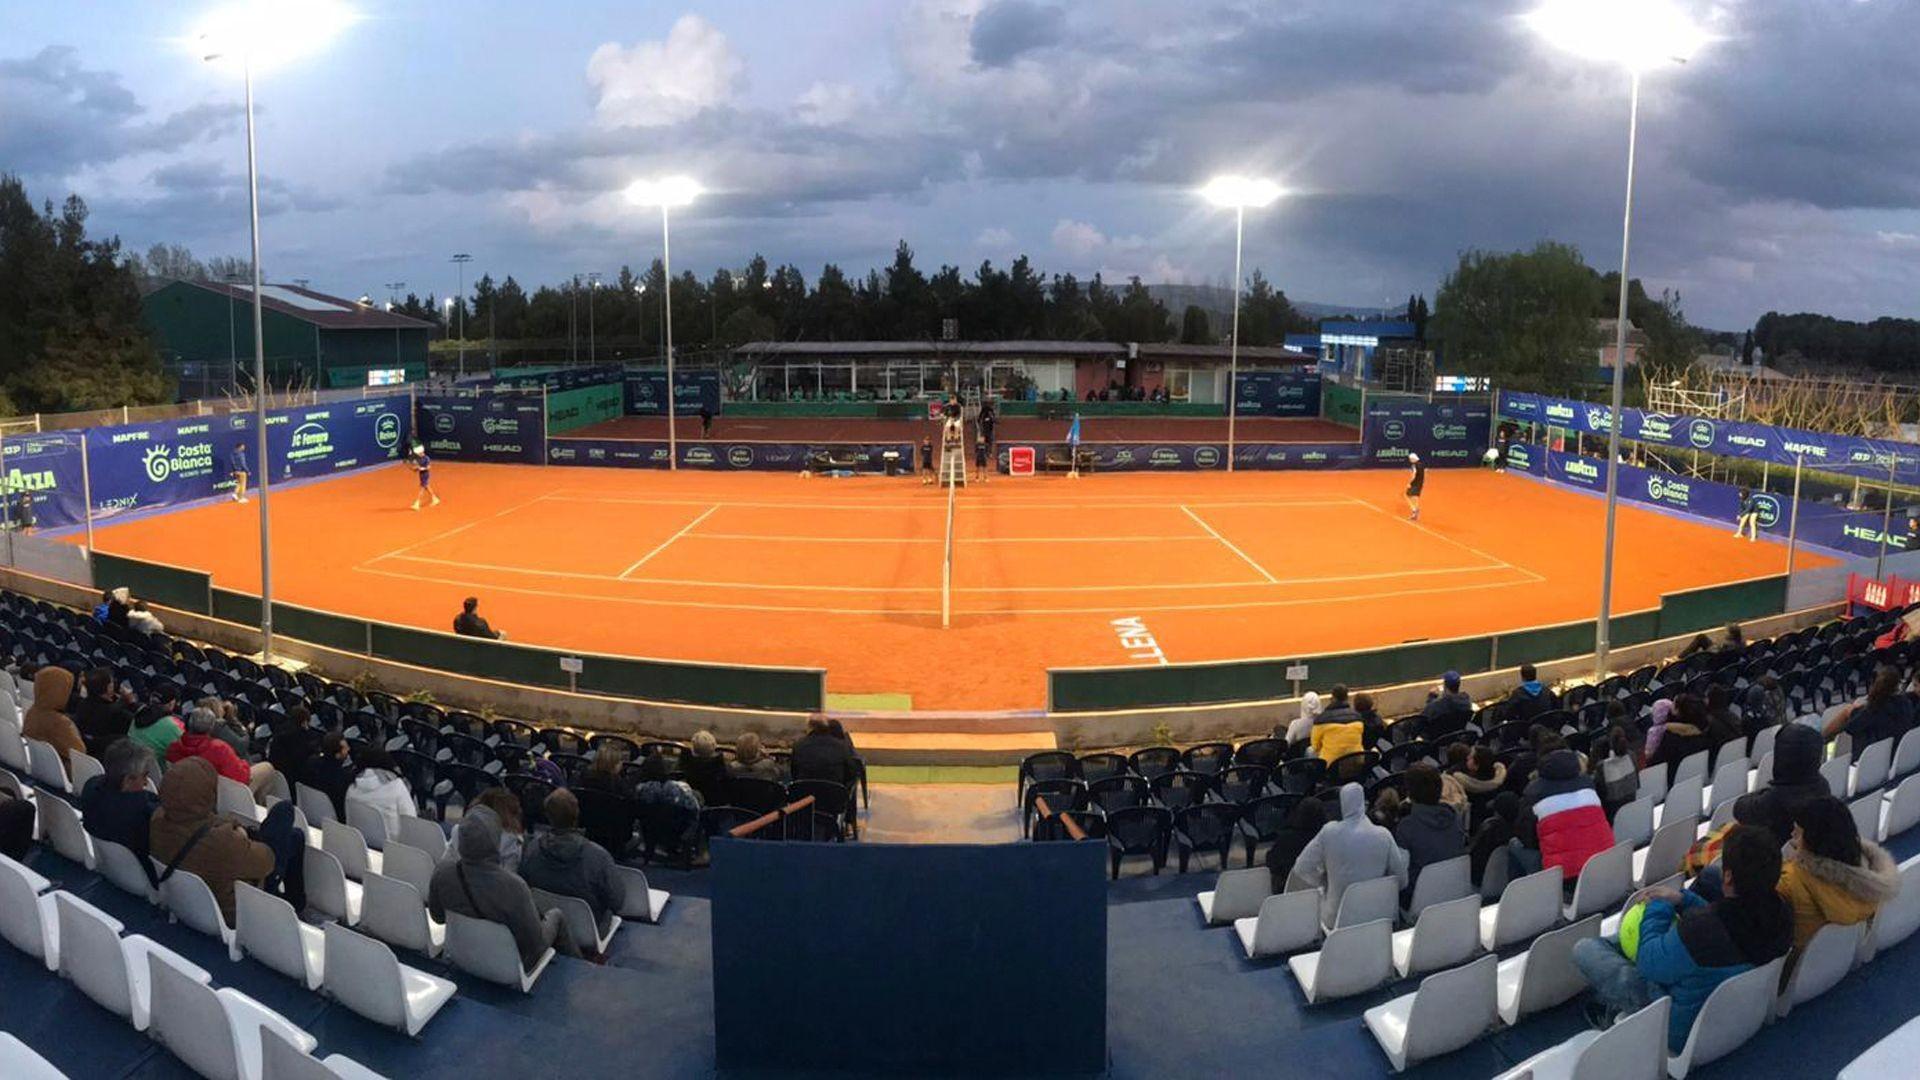 Clases de tenis para adultos en Villena